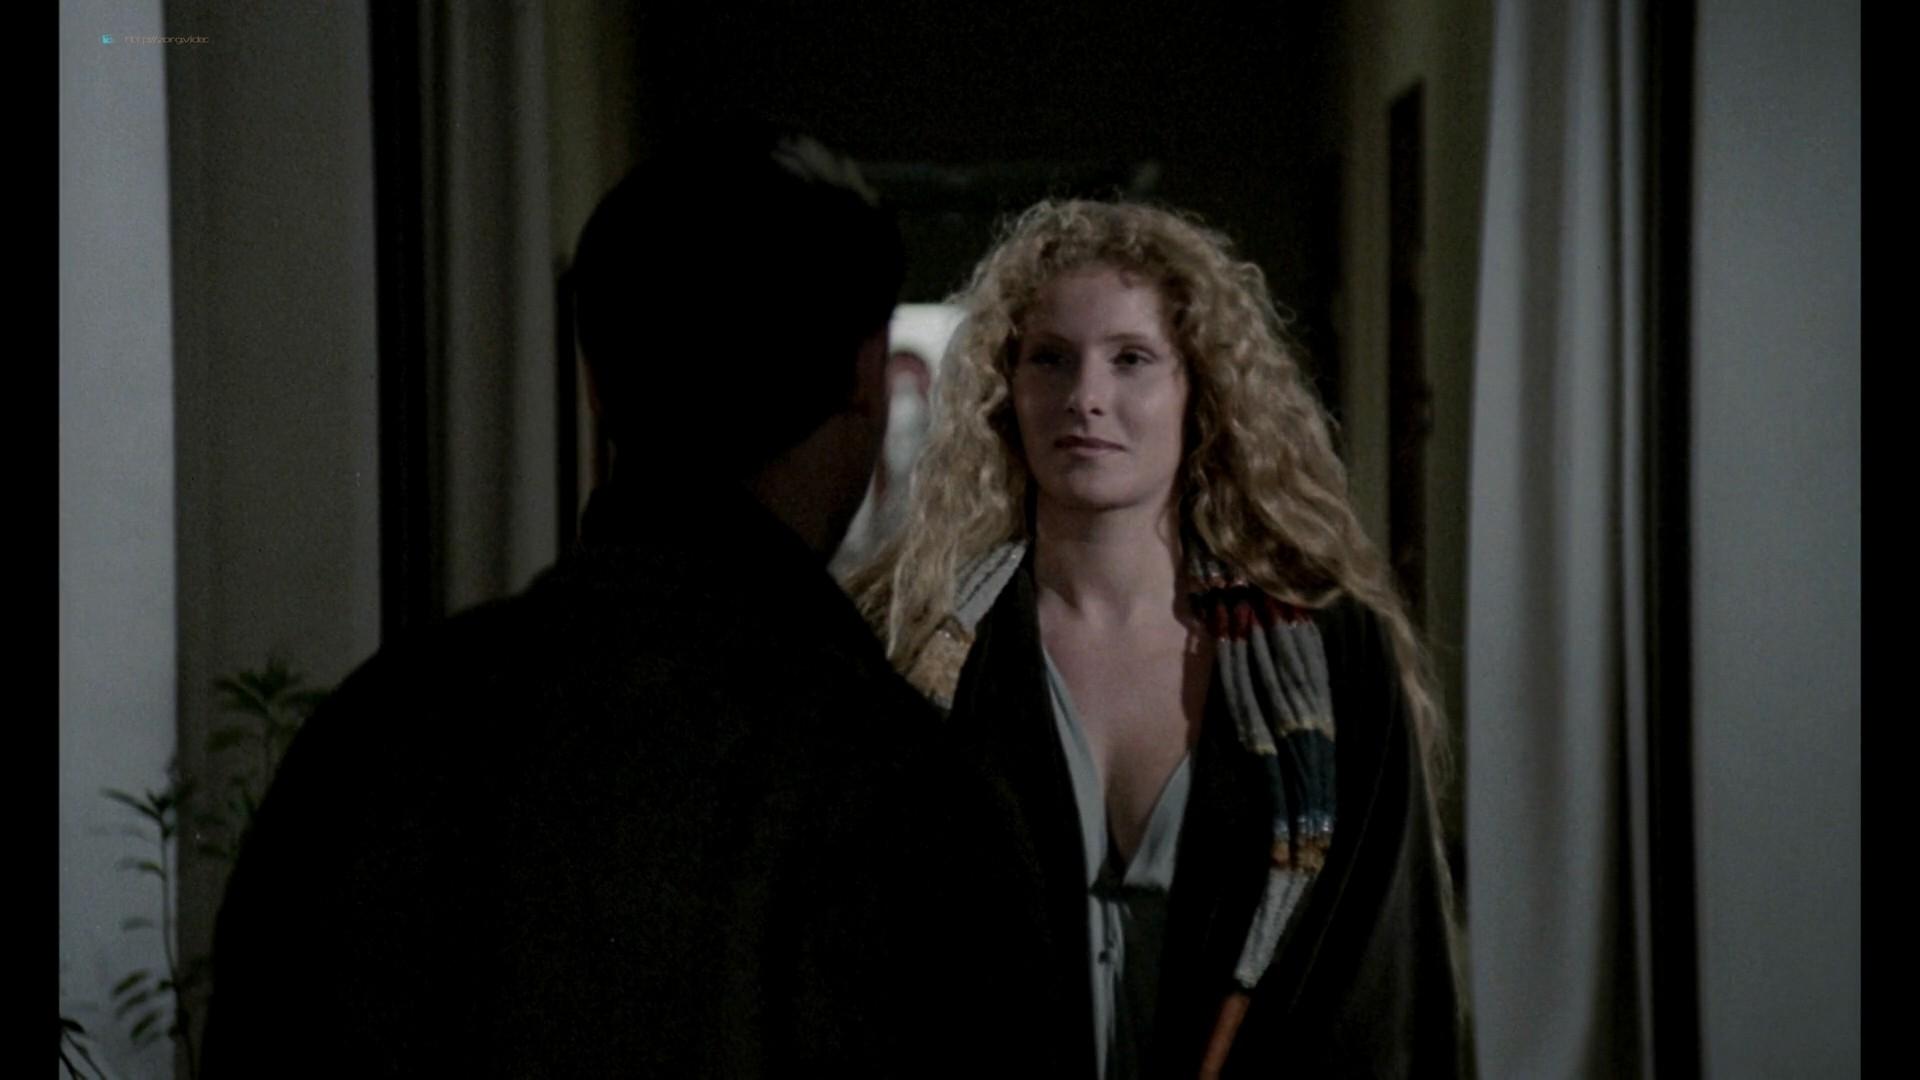 Domiziana Giordano nude topless - Nostalghia (1983) HD 1080p BluRay (8)